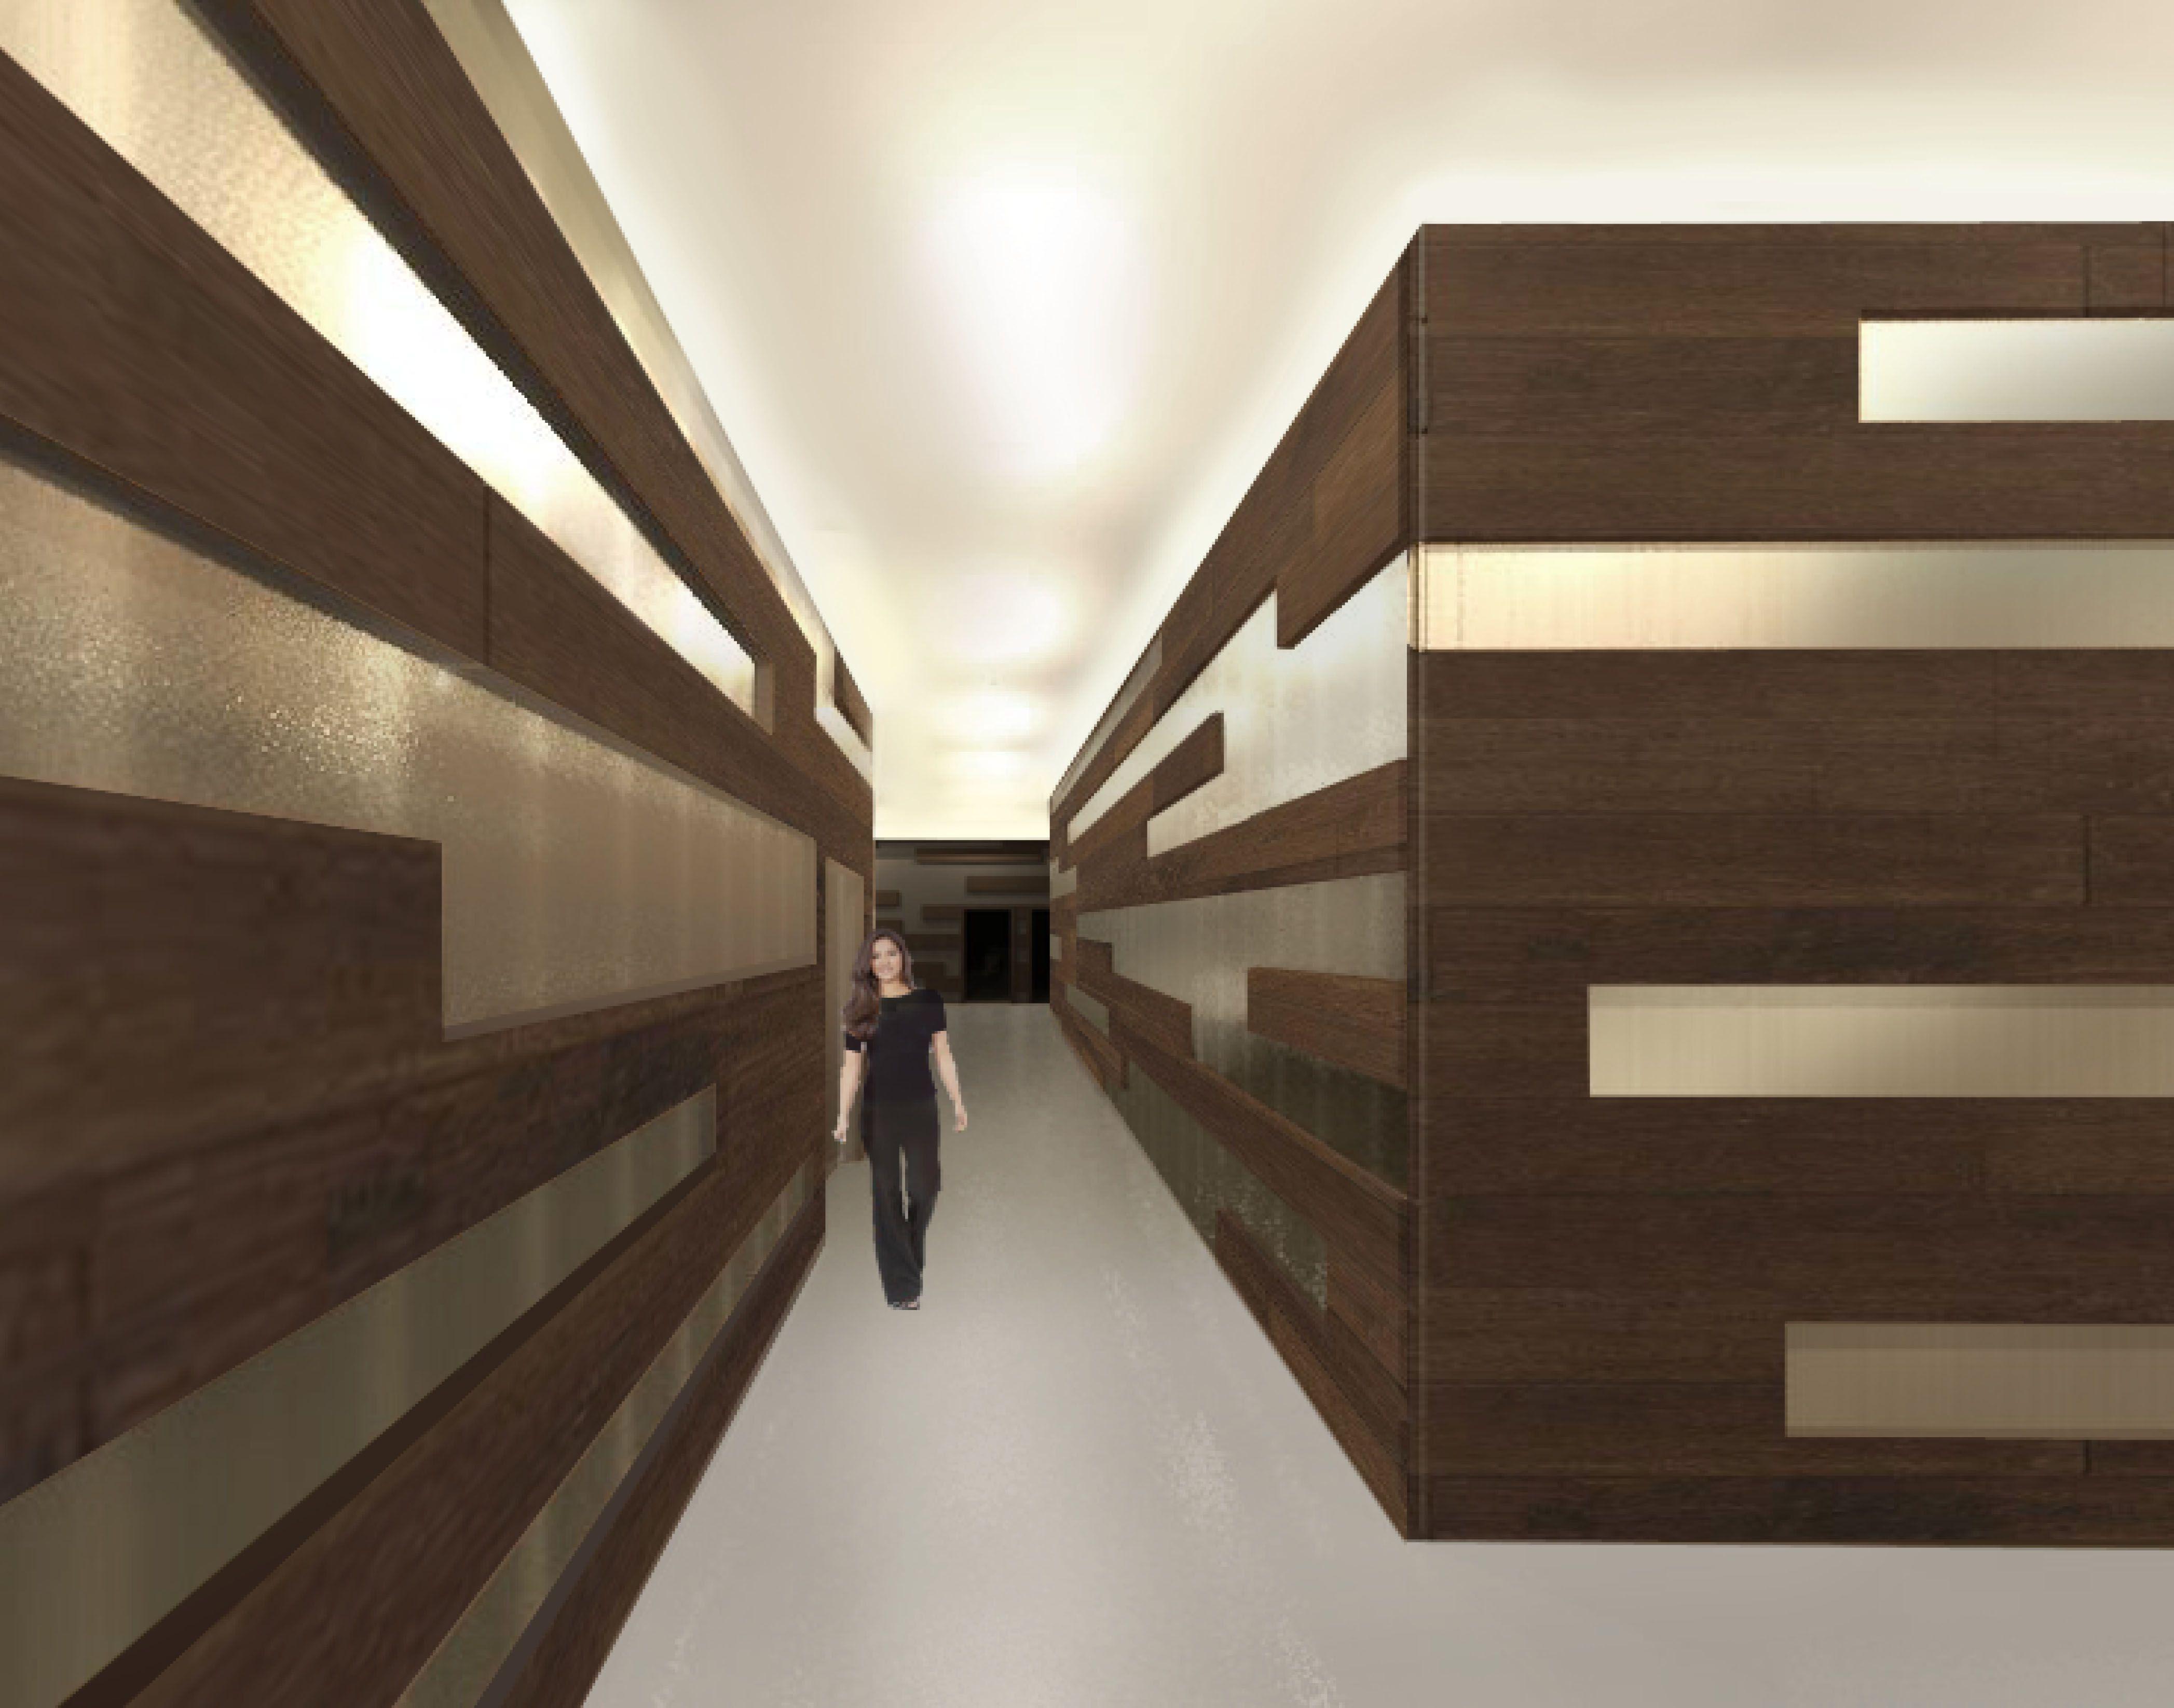 Corridor design google search corridors pinterest corridor